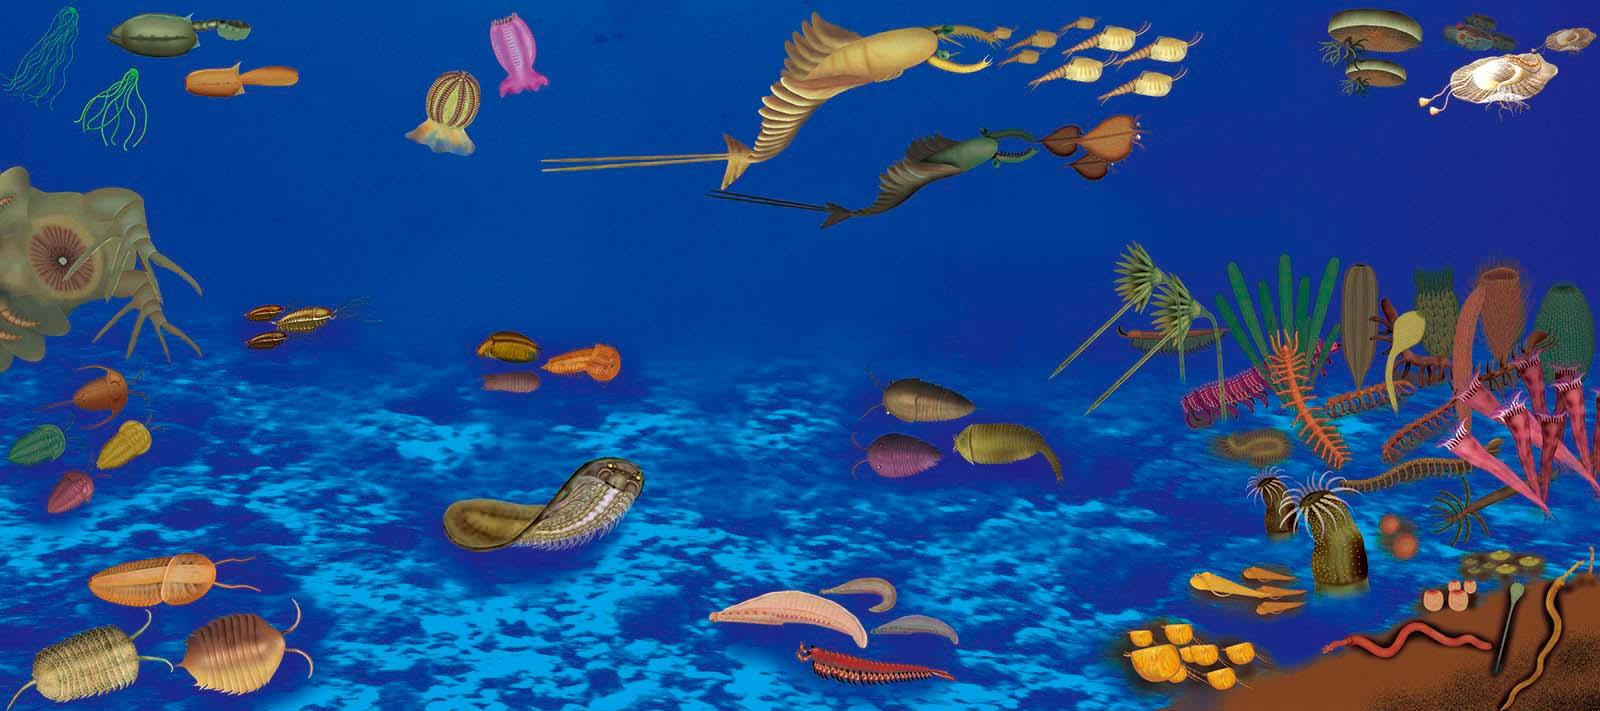 澄江动物群生态复原图